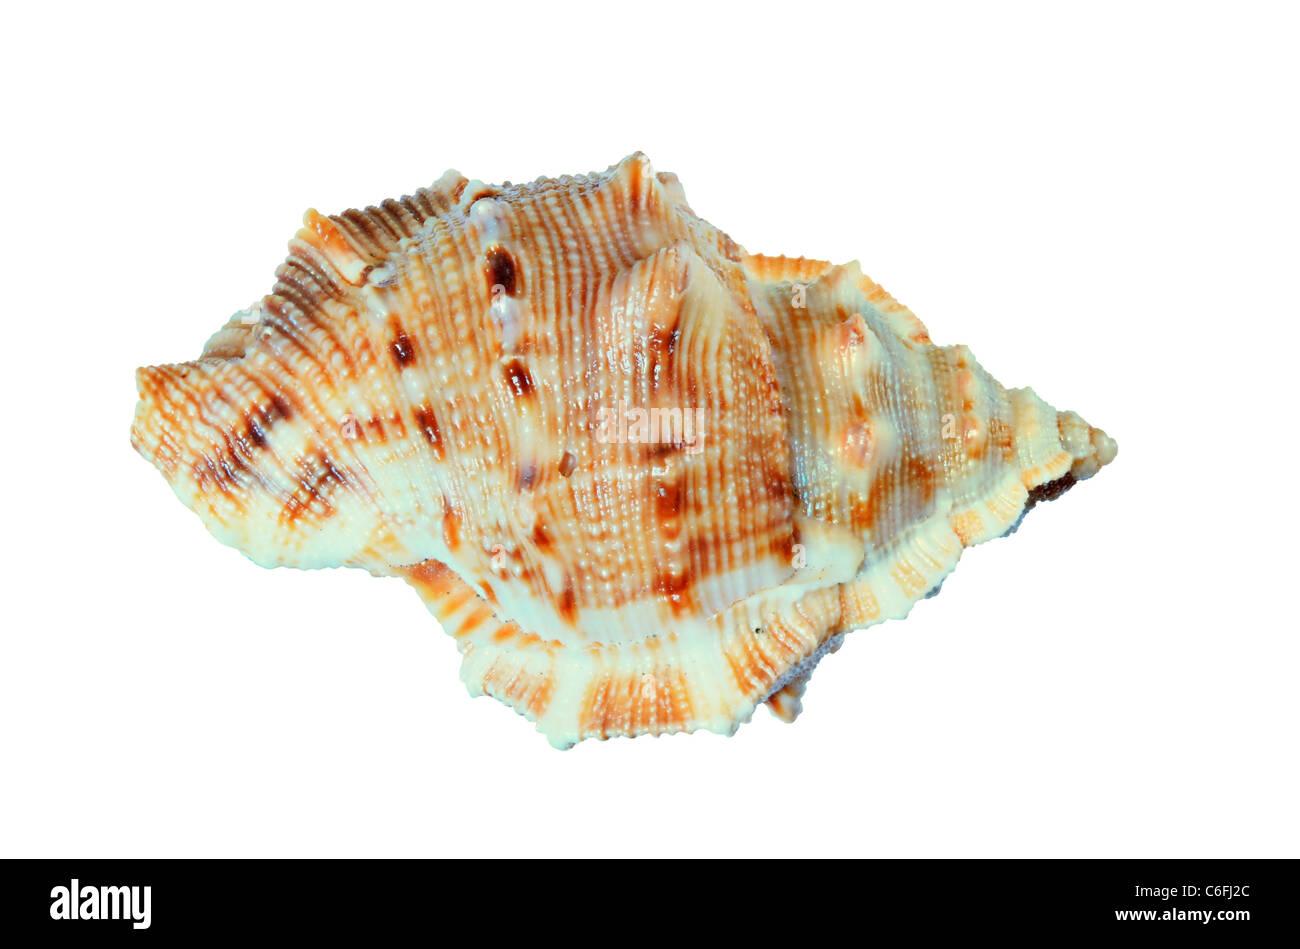 kleine Murex Muschel isoliert auf weißem Hintergrund Stockbild